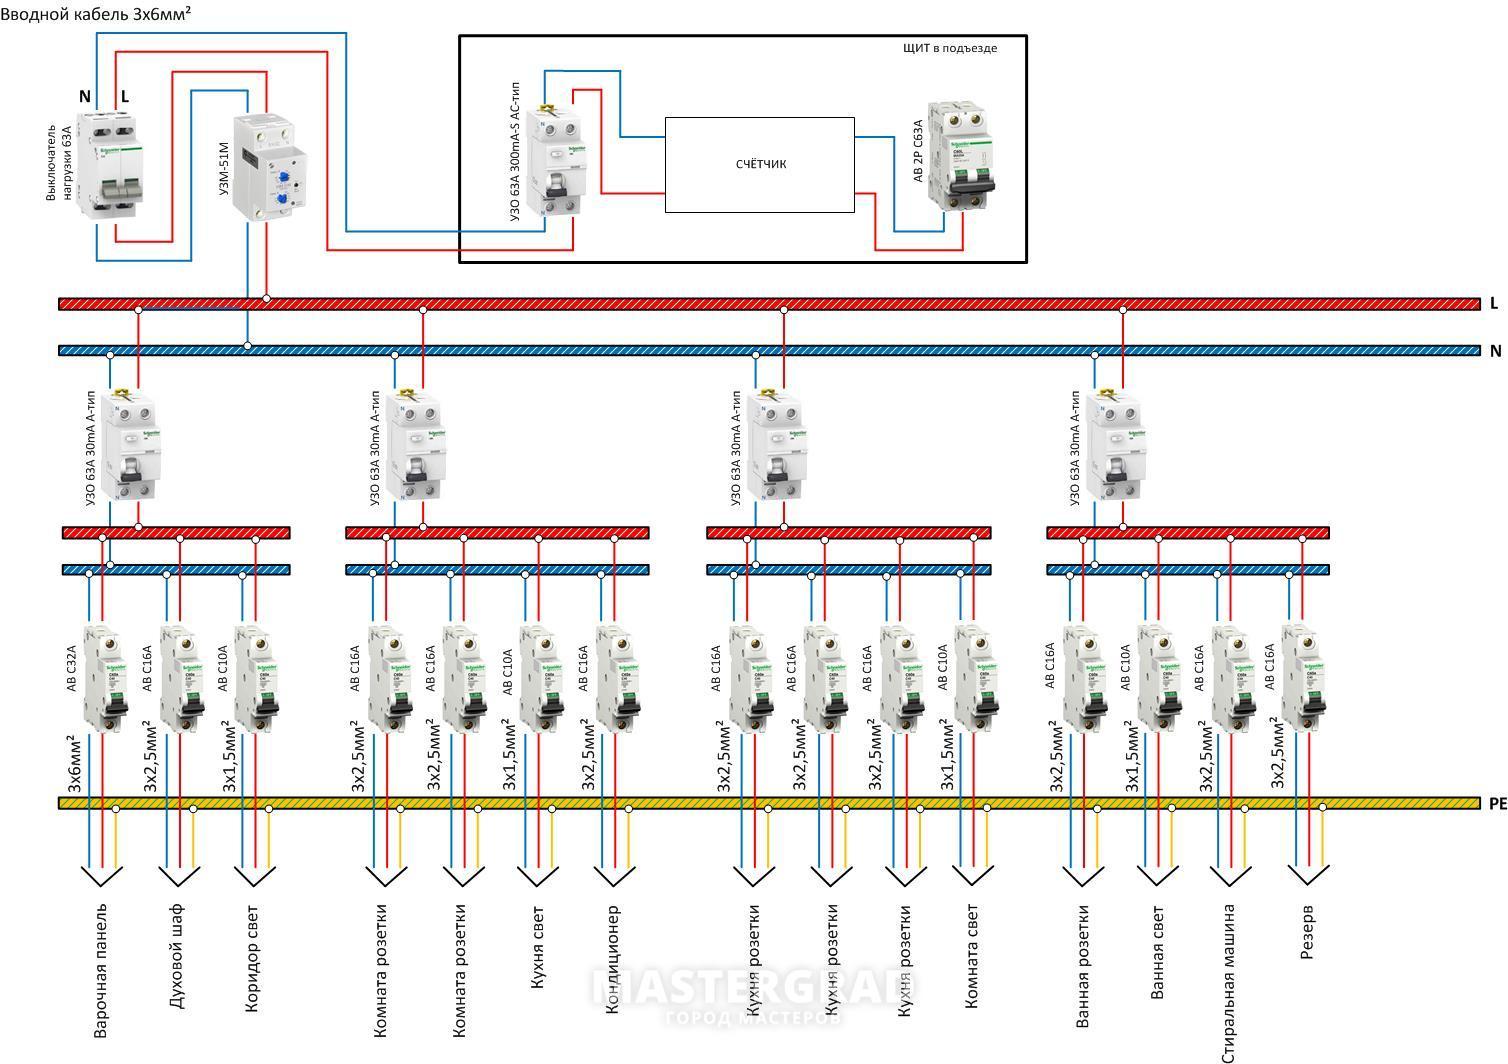 Схема подключения квартирной нагрузки